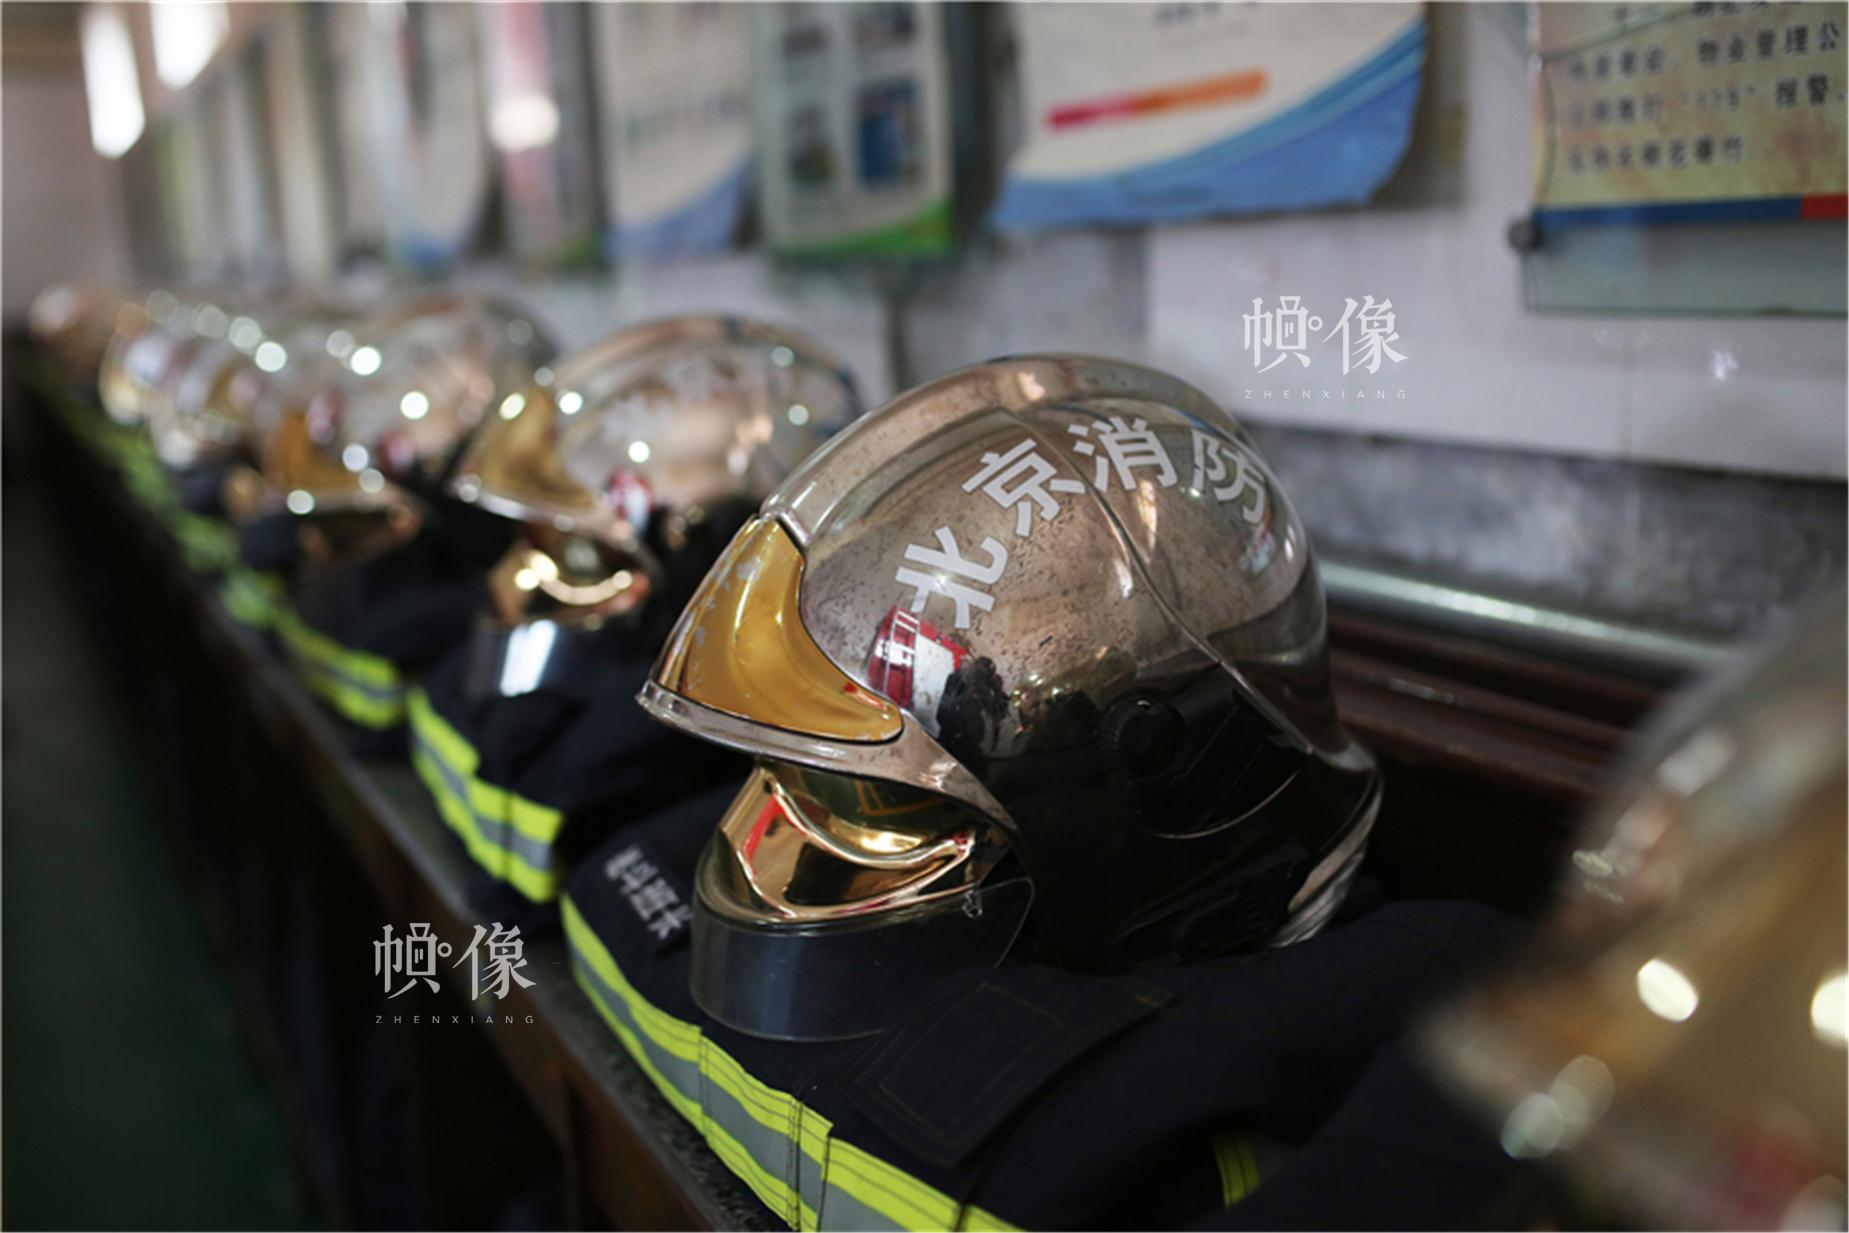 消防头盔,具有防撞击、抗高温性能优良、防护全面、内外多级调节、佩戴舒适等特点。